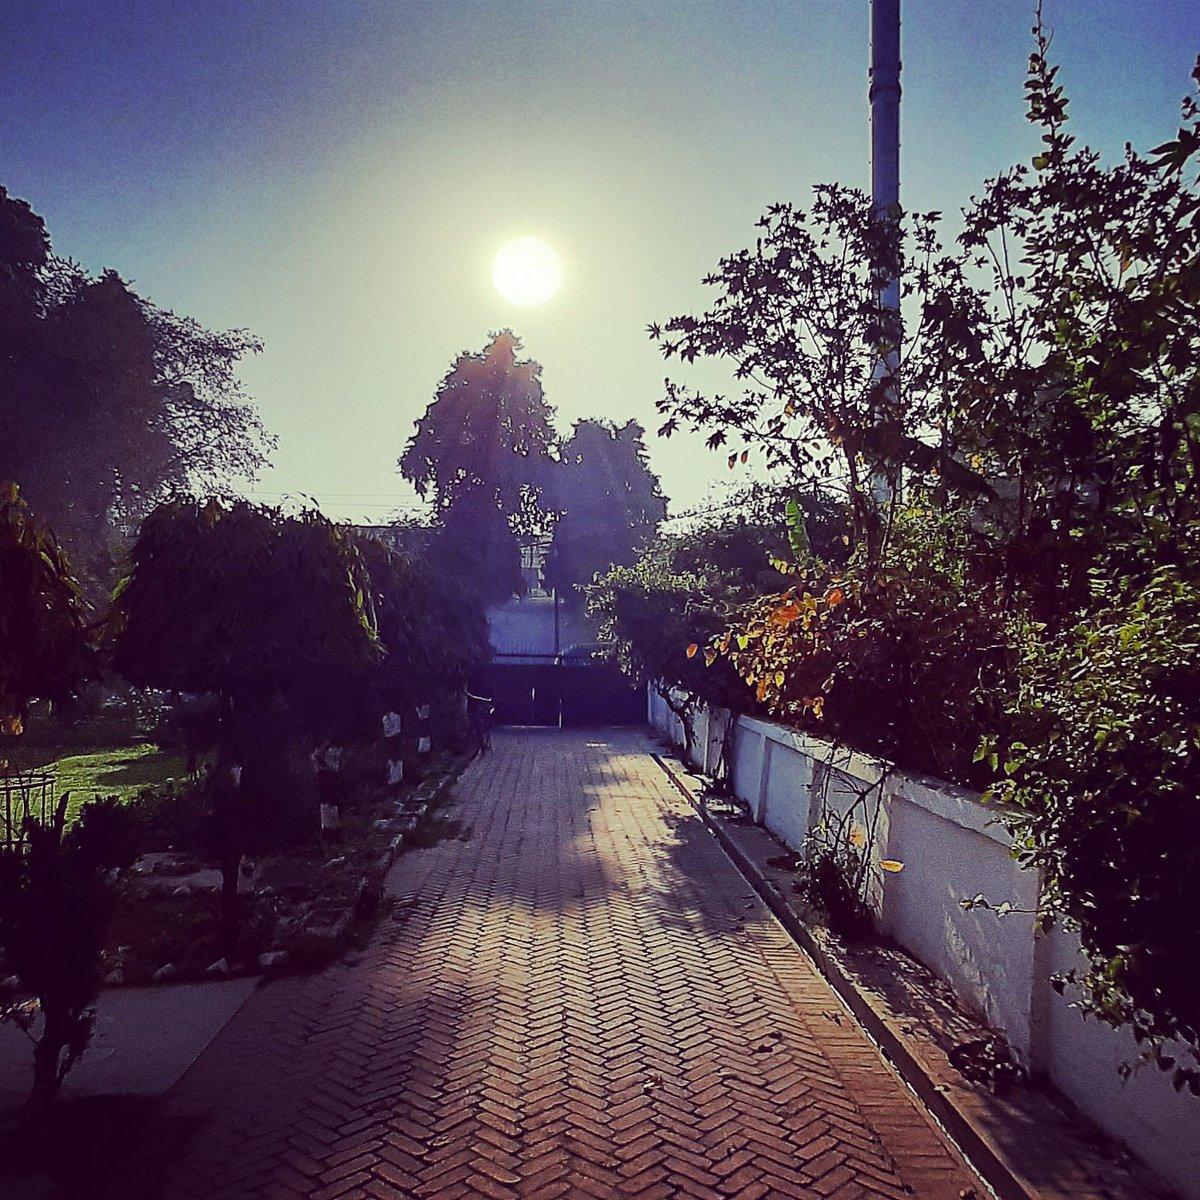 Subah-e-awadh! #thursdaymorning